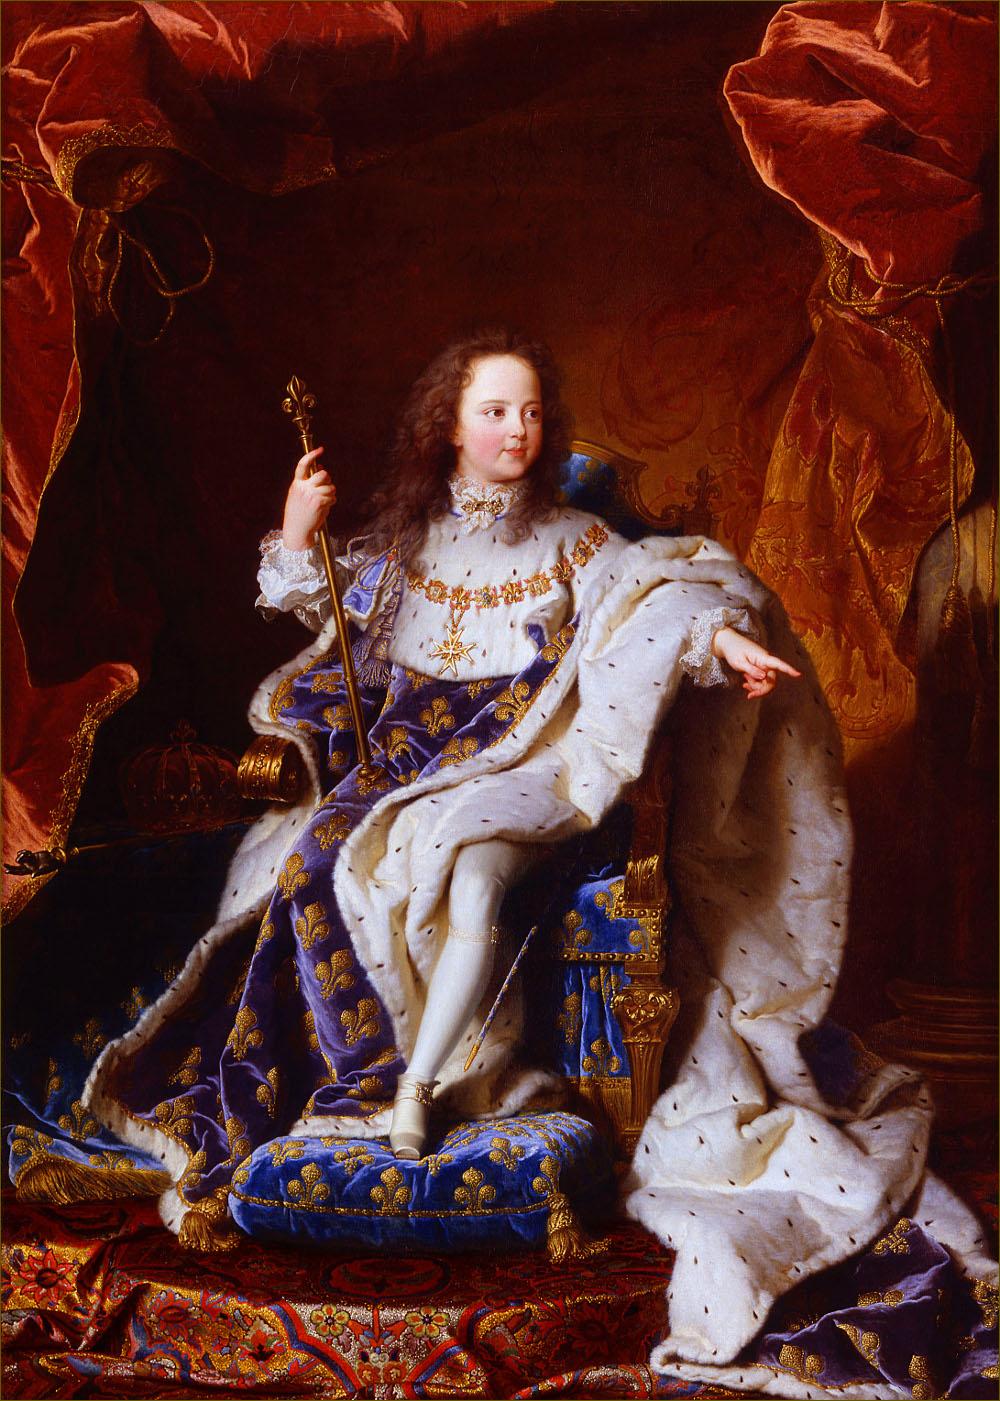 Louis XV, roi de France, âgé de 5 ans, en costume royal, en 1715, par Rigaud